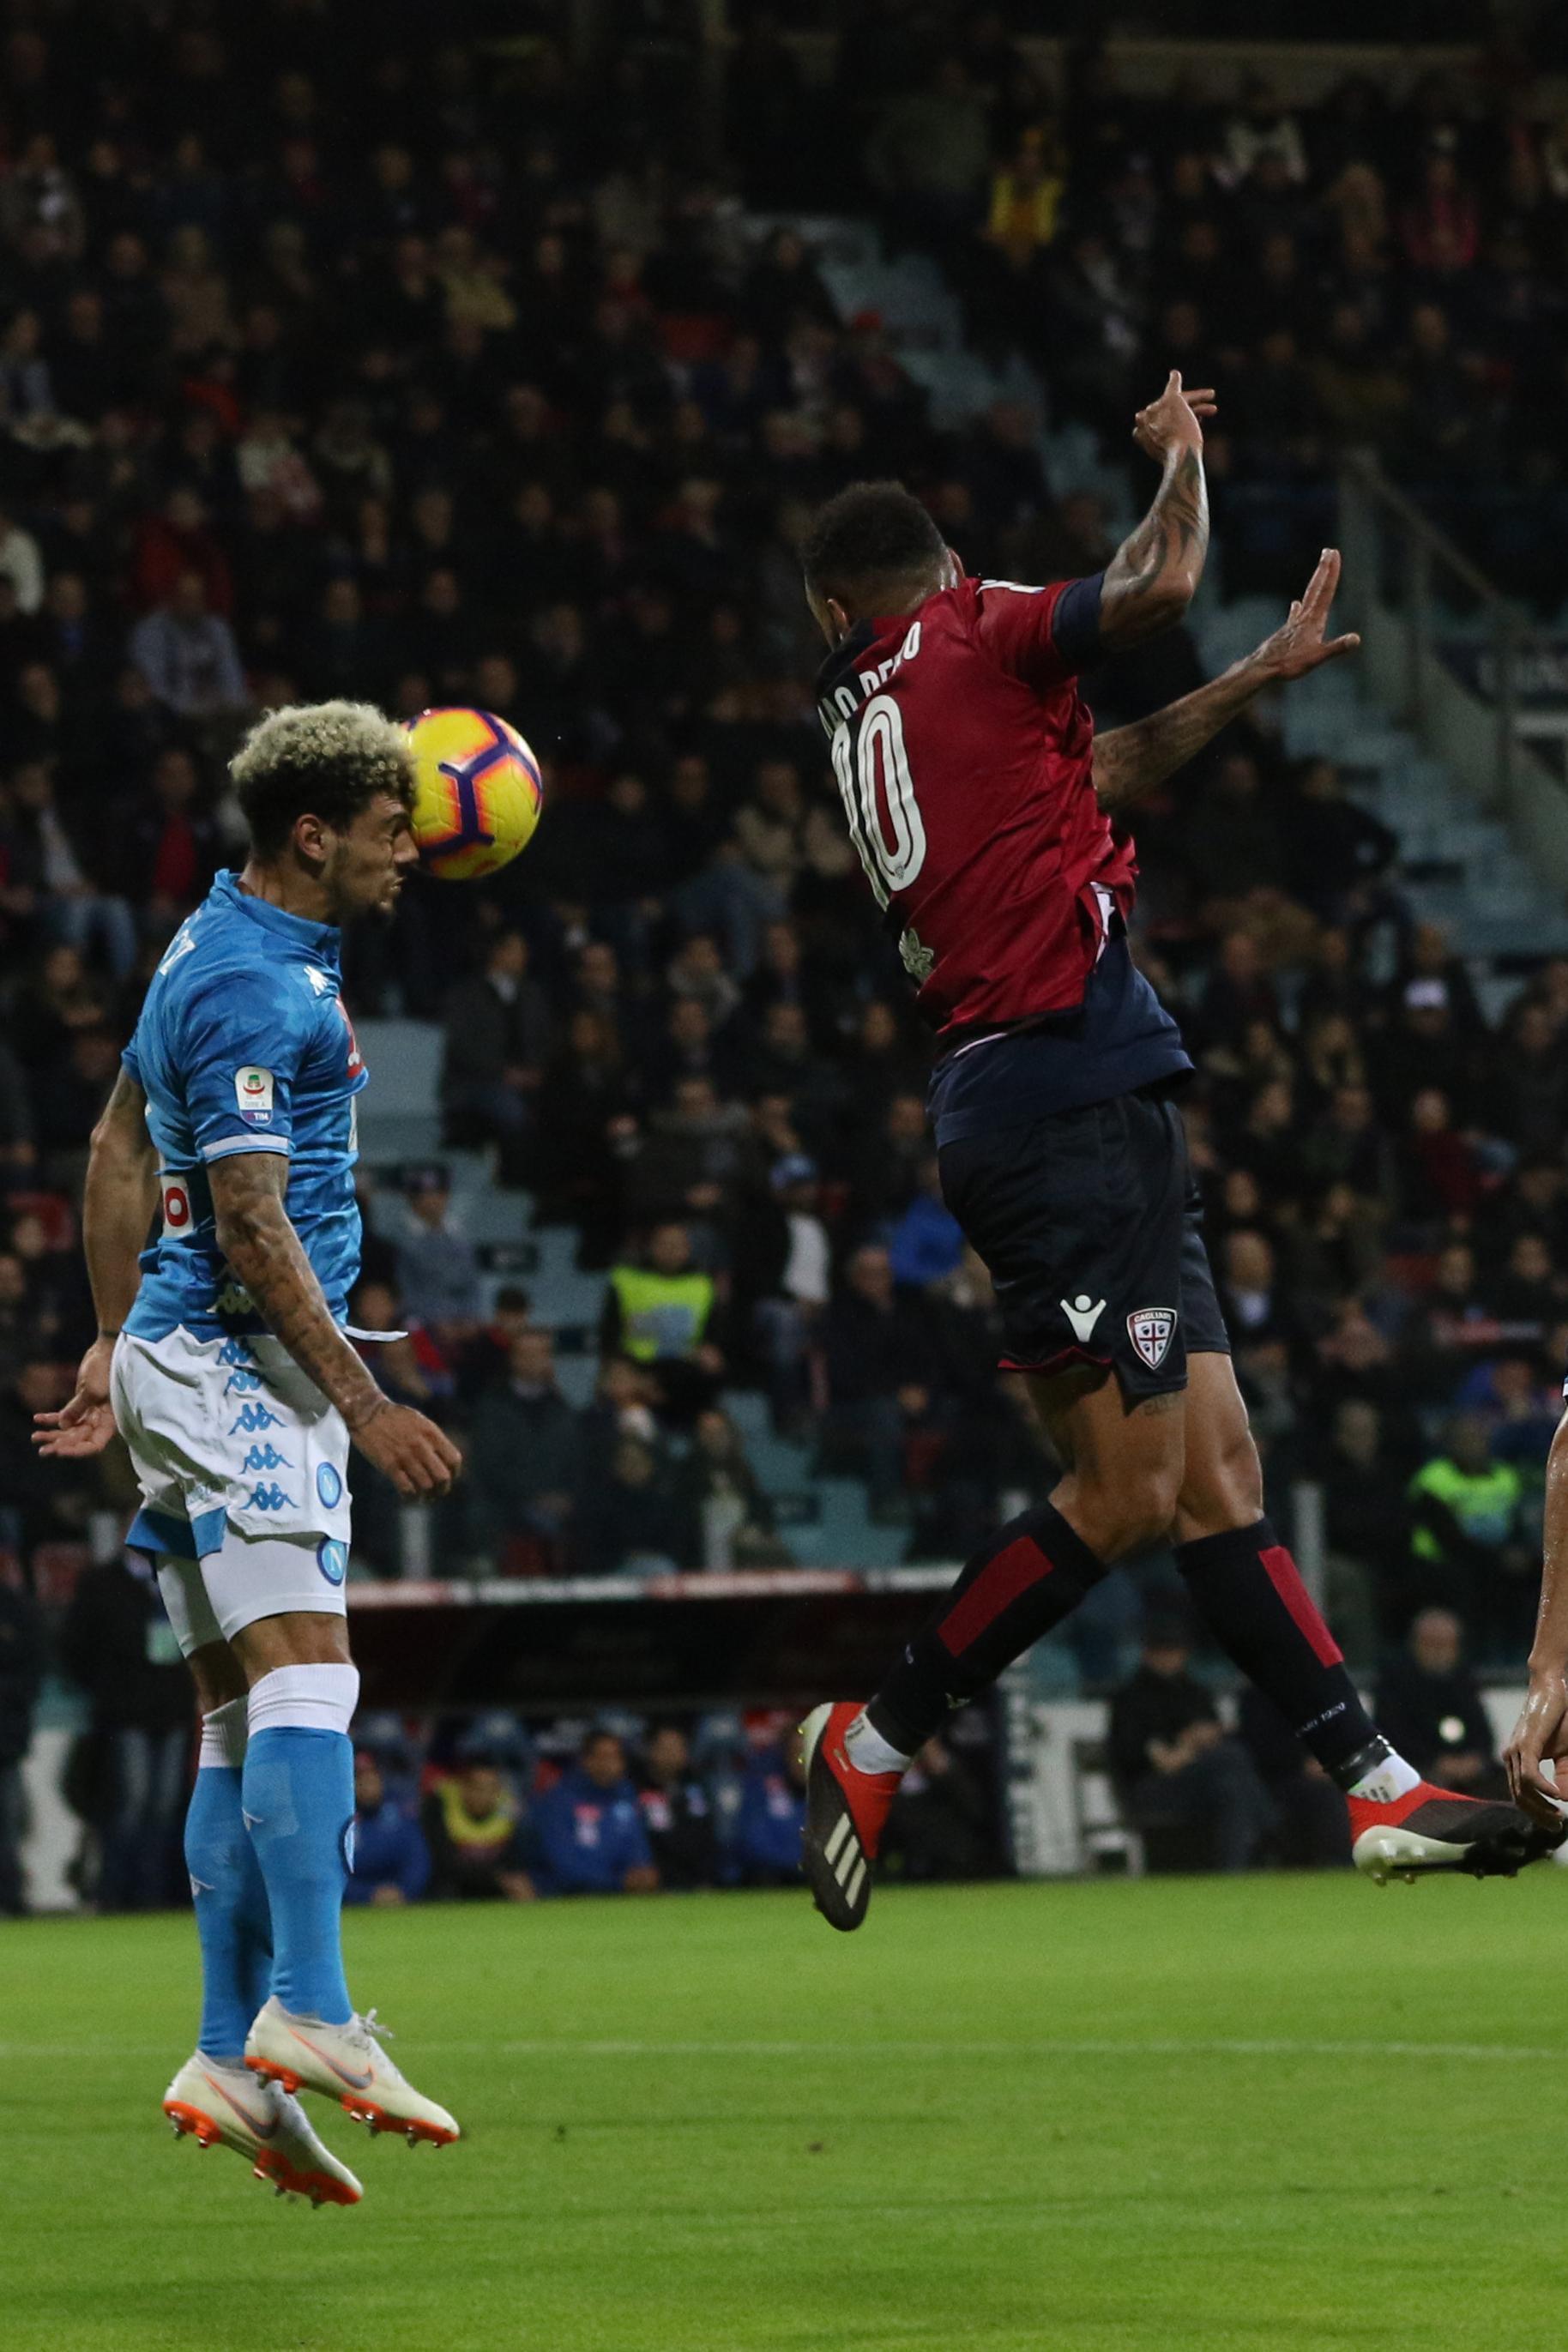 Nella 16a giornata di Serie A, il Napoli batte 1-0 il Cagliari grazie a una punizione di Milik al 91' e rimane a -8 dalla Juventus capolista. Ancelotti vara un ampio turnover e il primo tempo degli azzurri è davvero sottotono: Ospina dice no a Faragò. Koulibaly e compagni si svegliano nella ripresa: Milik prende una clamorosa traversa di testa al 68', poi decide il match nel recupero con una splendida pennellata di sinistro.